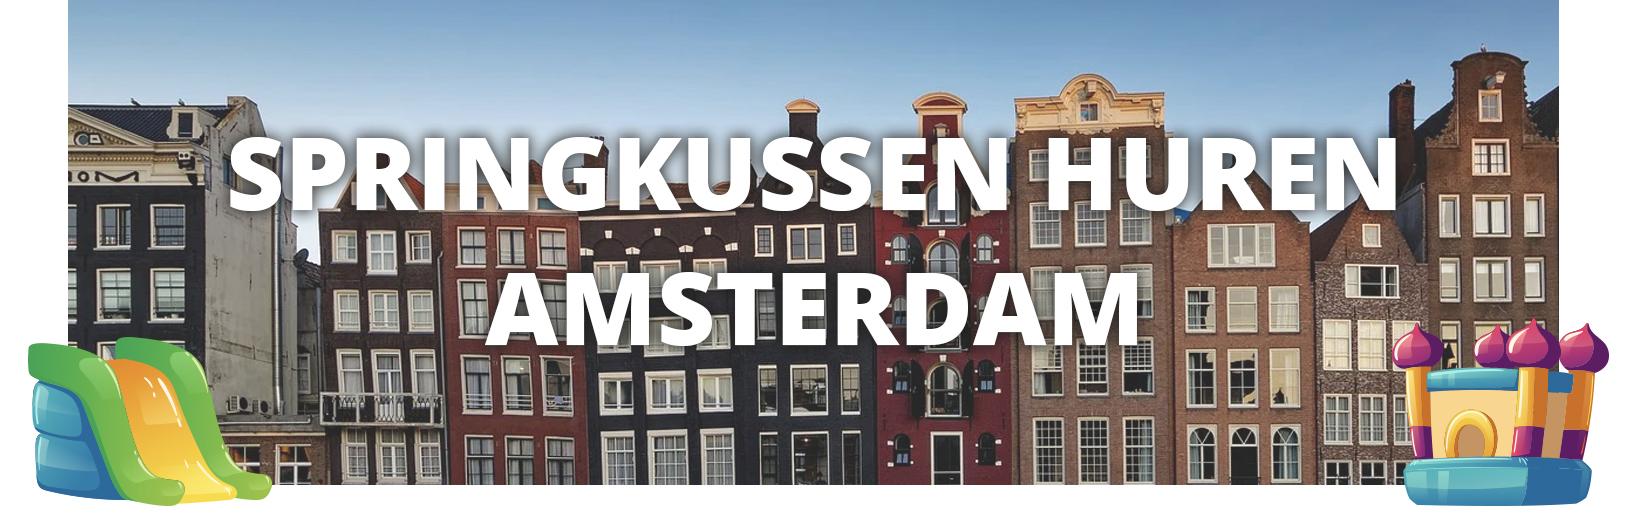 Springkussen huren Amsterdam